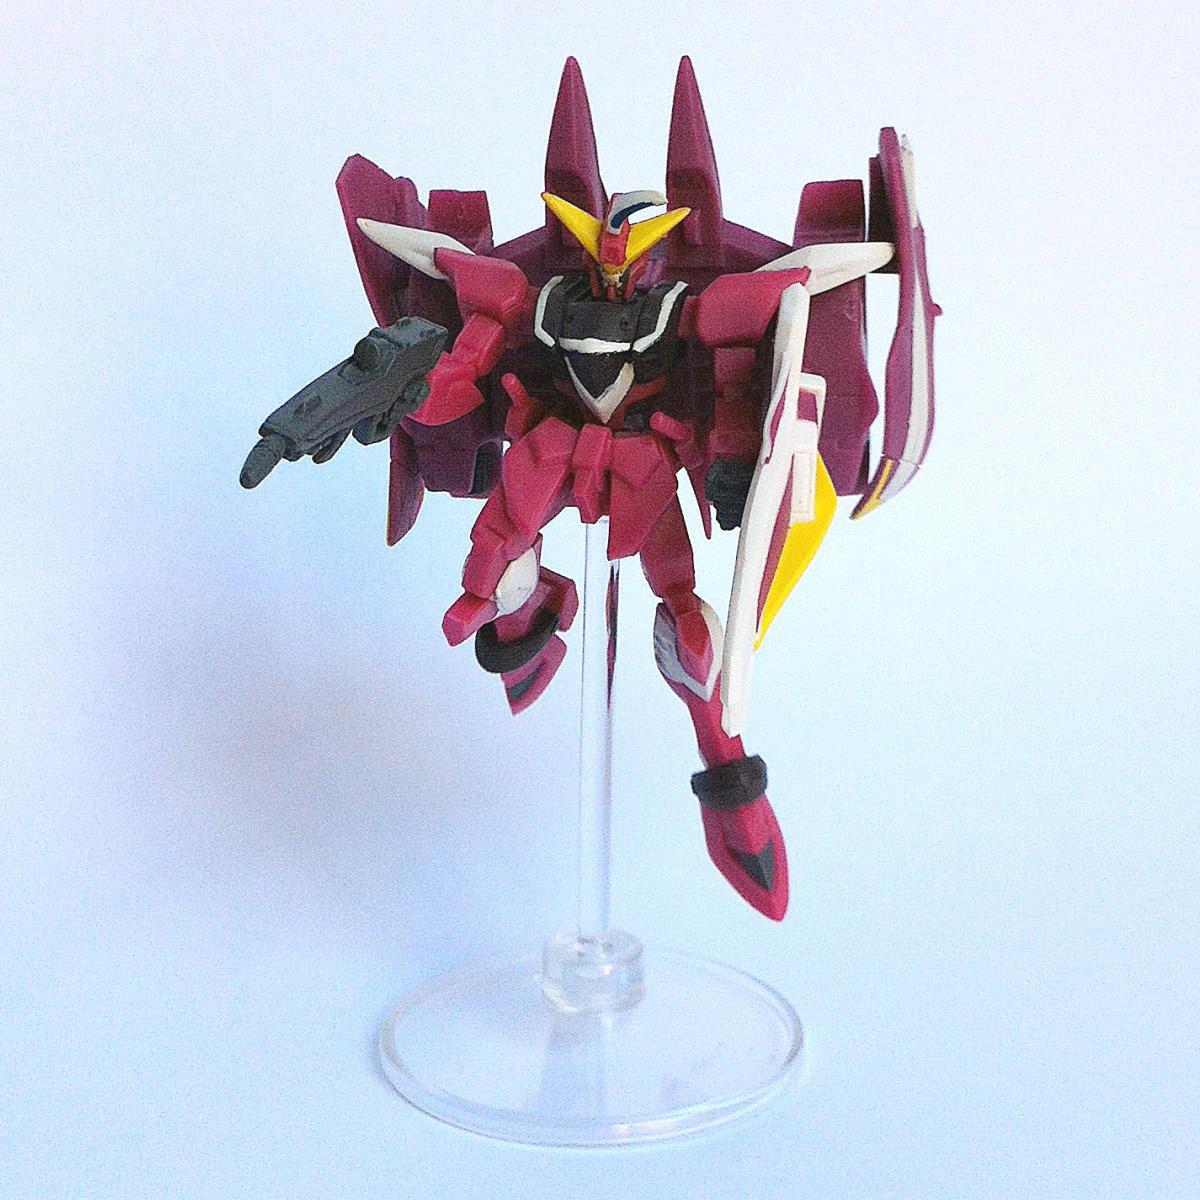 Gundam from HG Gundam MS Selection by Bandai